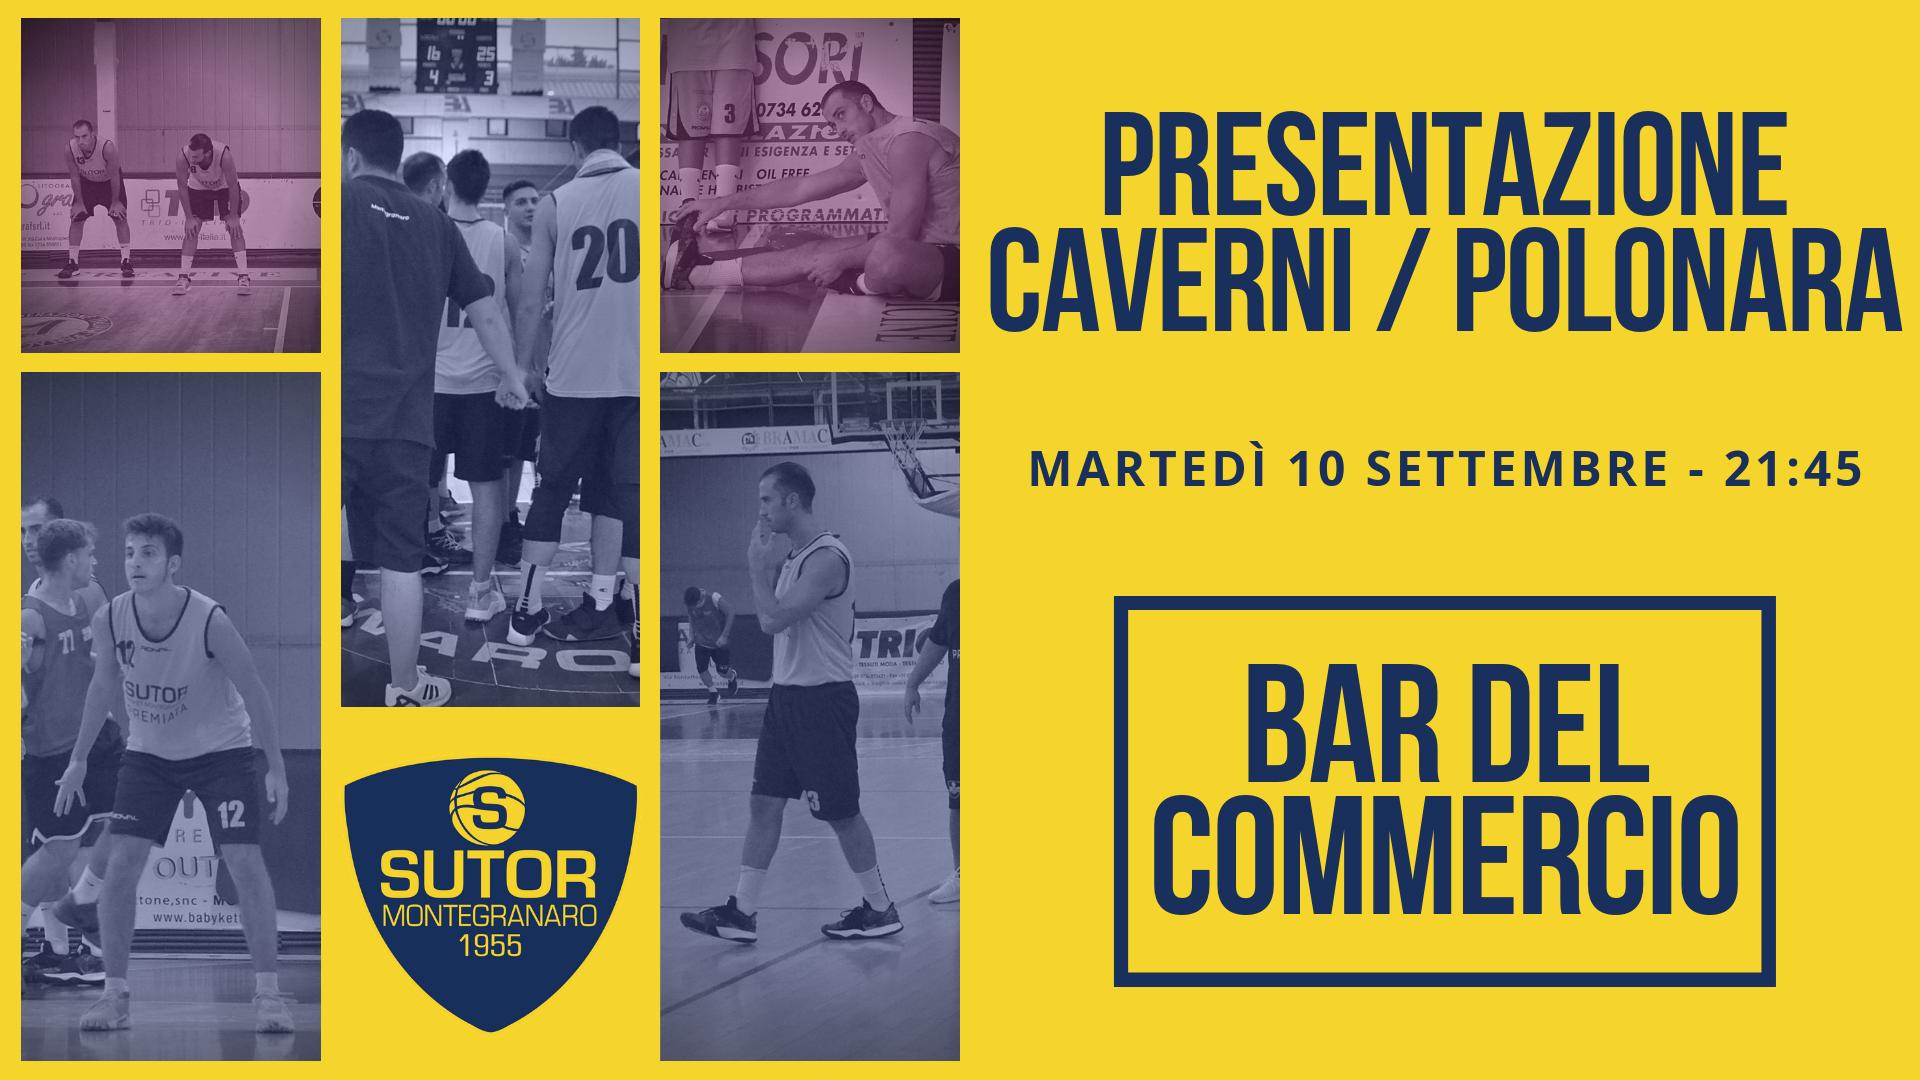 presentazione_caverni_polonara_social